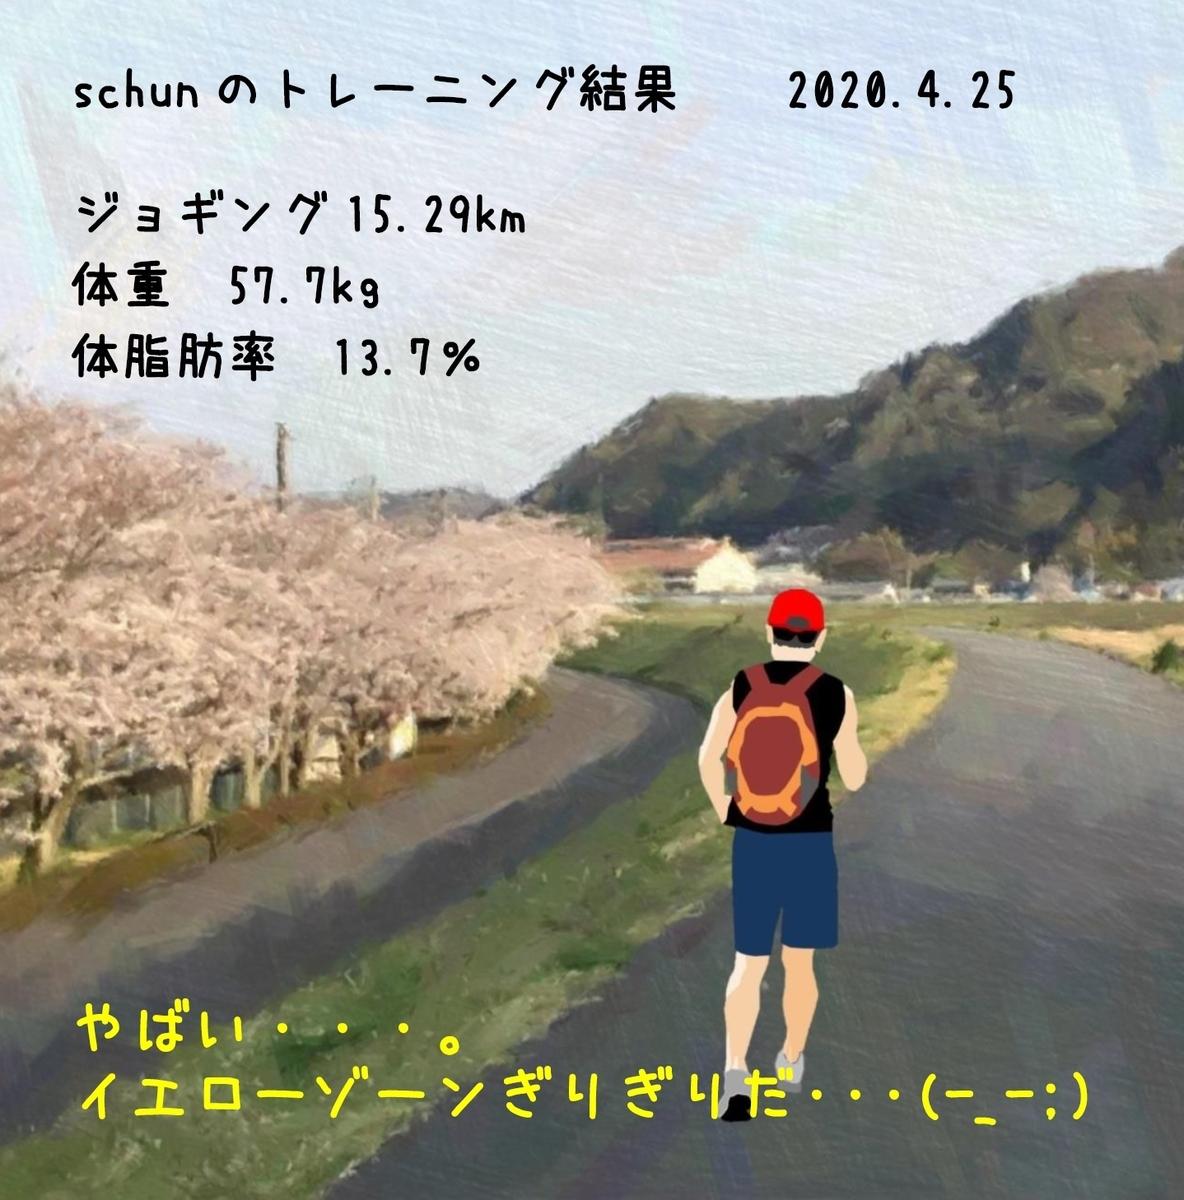 f:id:schunchi2007:20210425195150j:plain